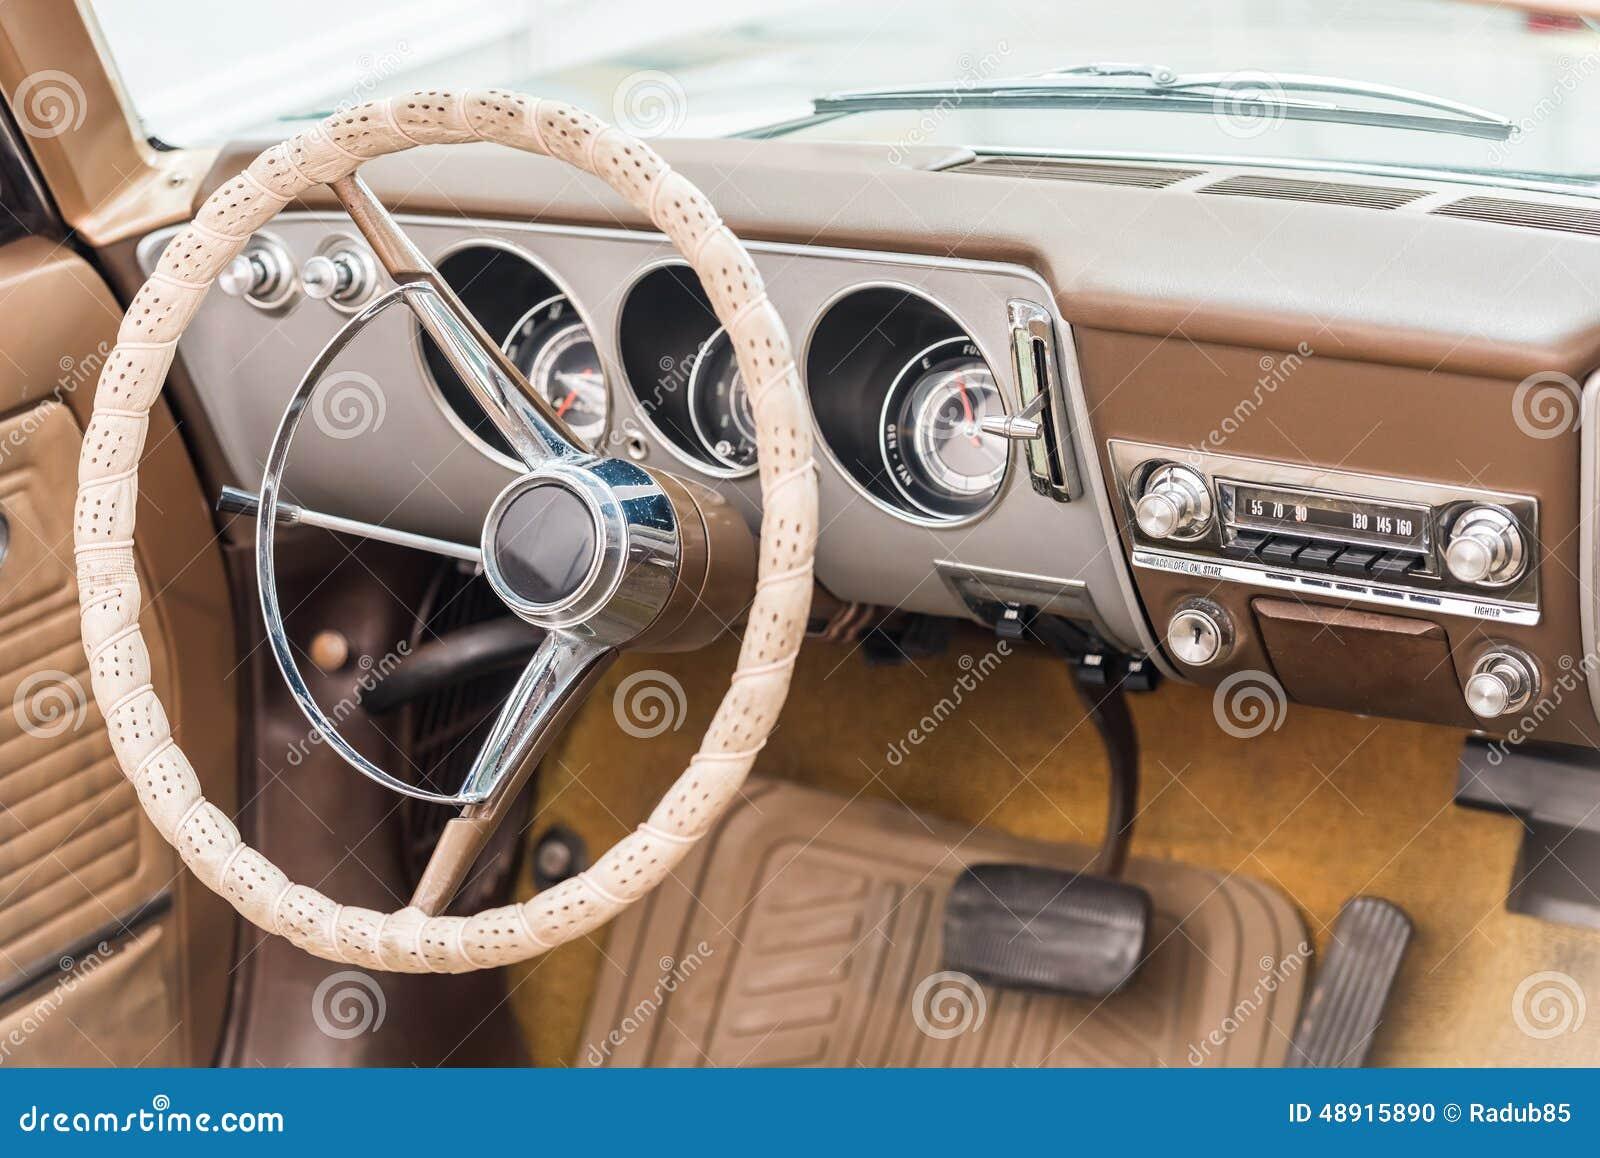 Vintage Car Interior Stock Photo Image Of Nostalgia 48915890